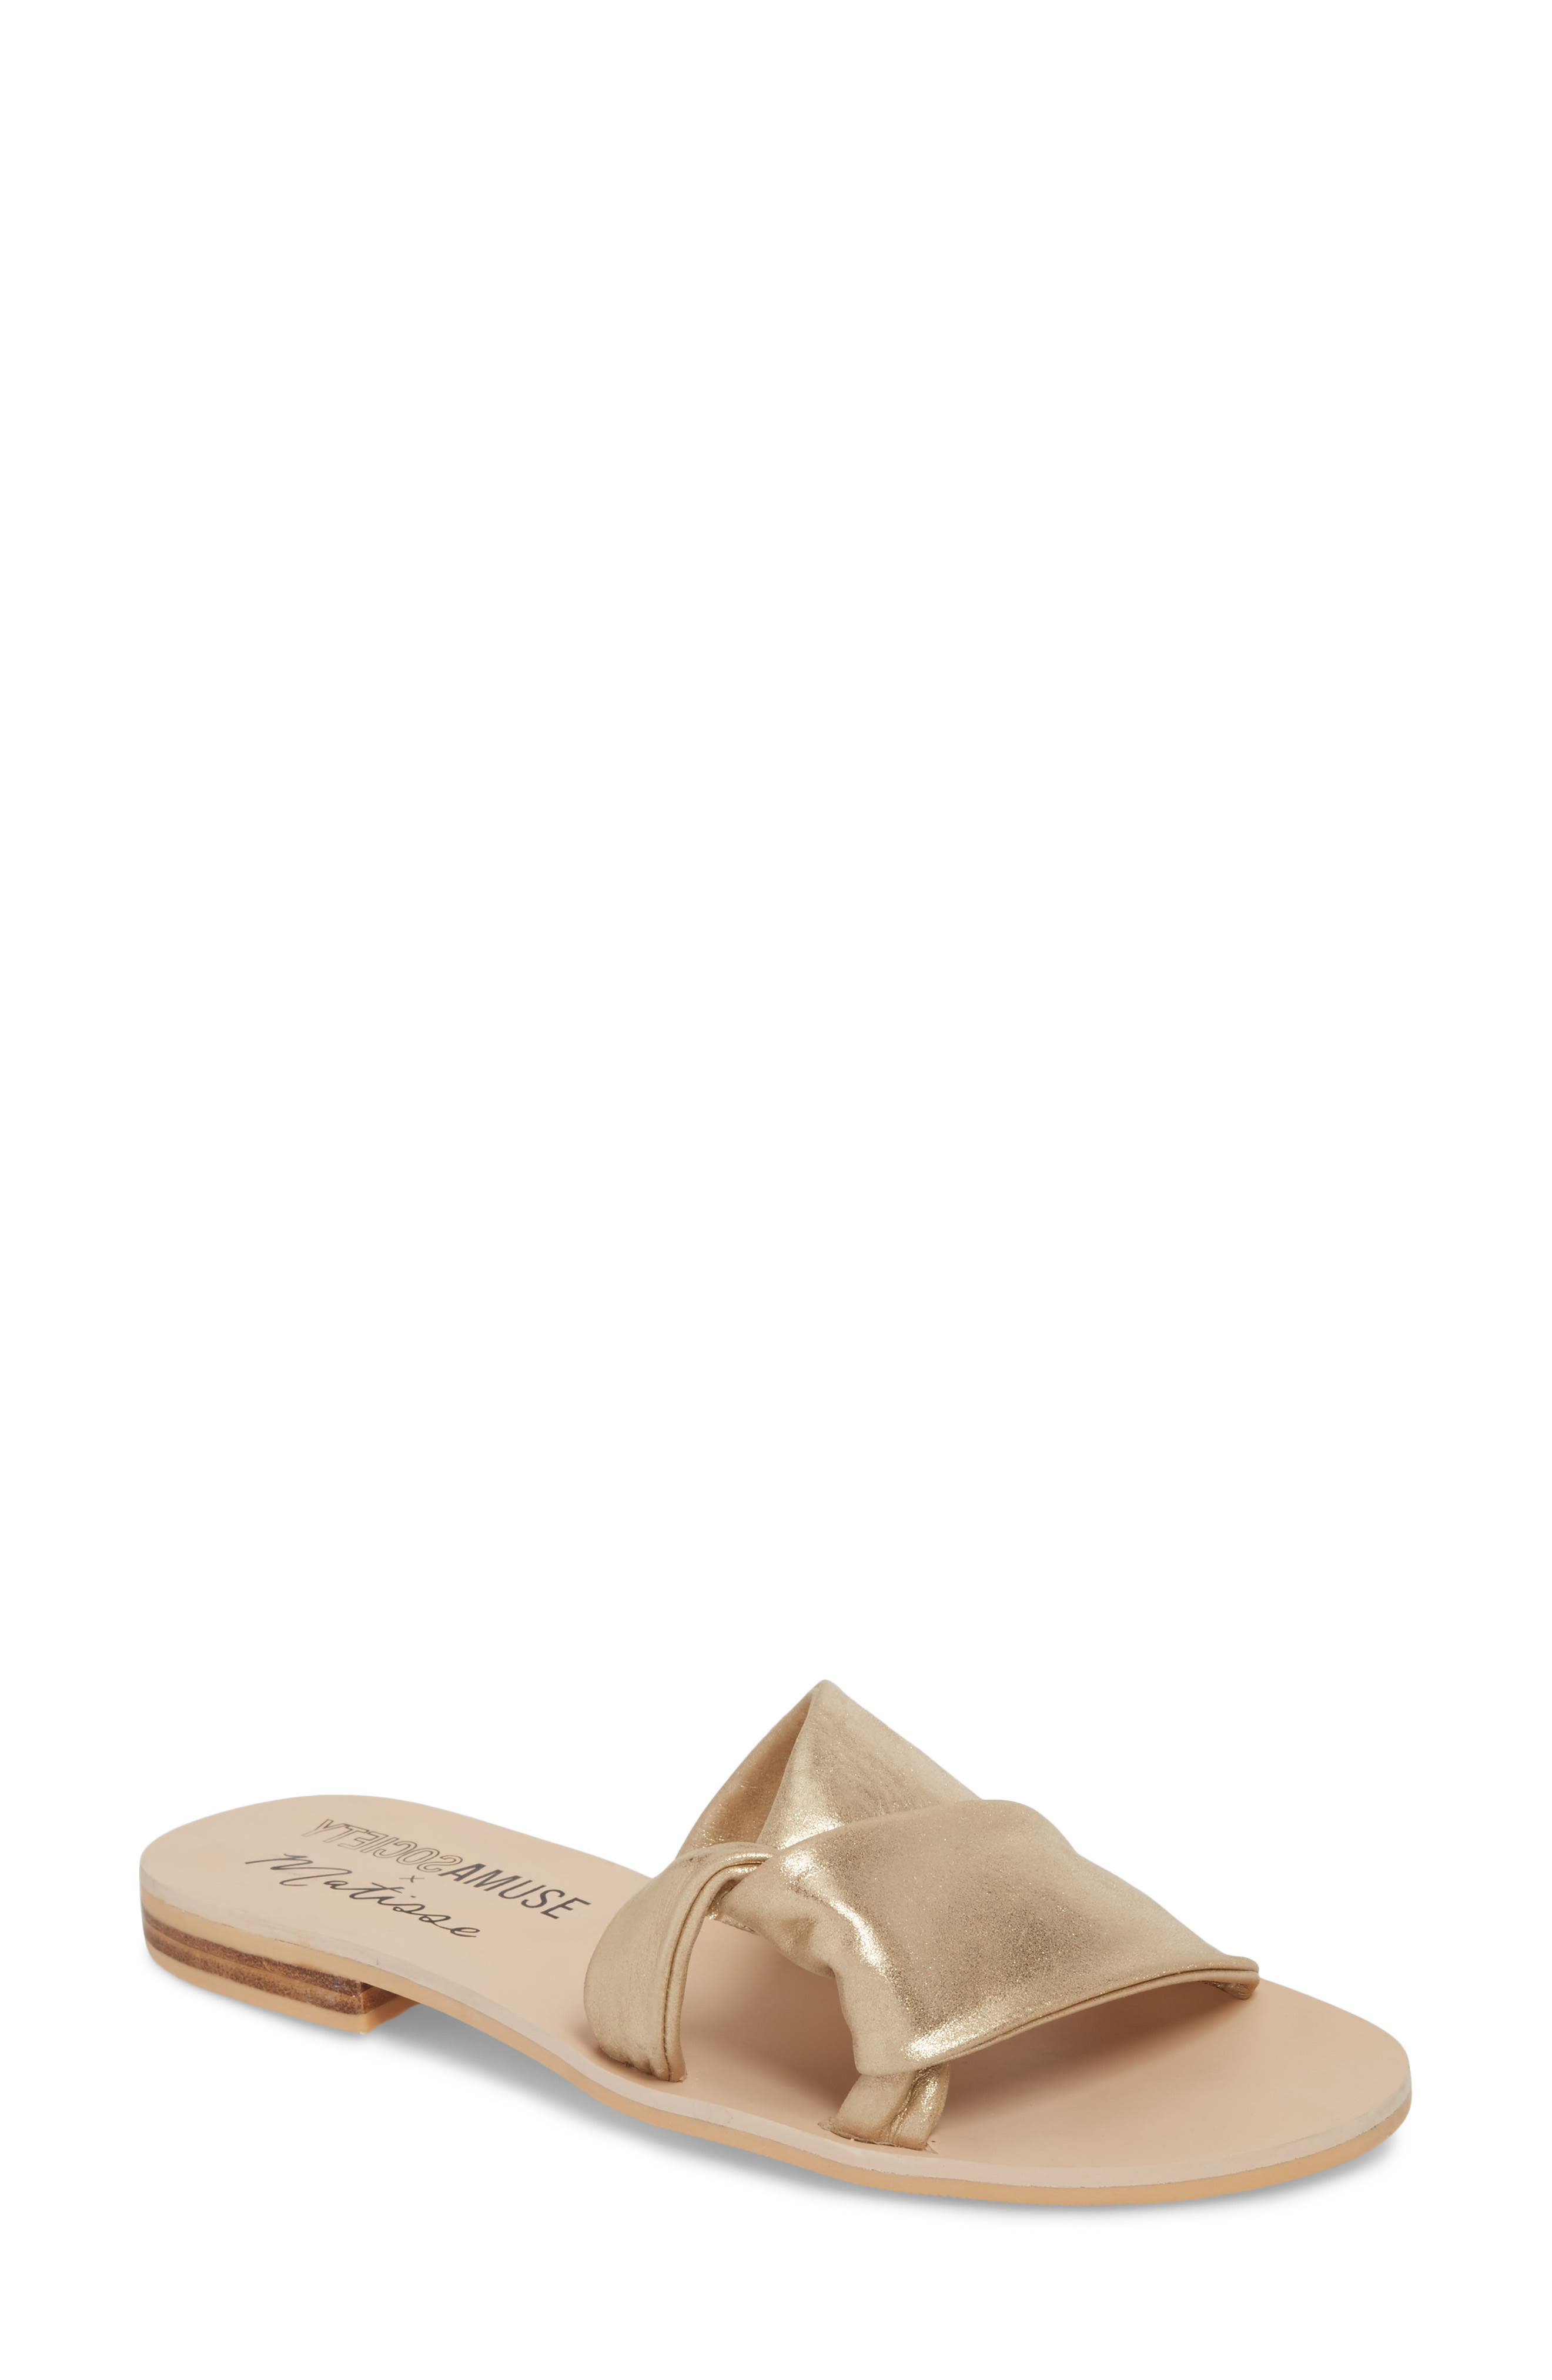 Amuse Society x Matisse Capri Slide Sandal (Women)